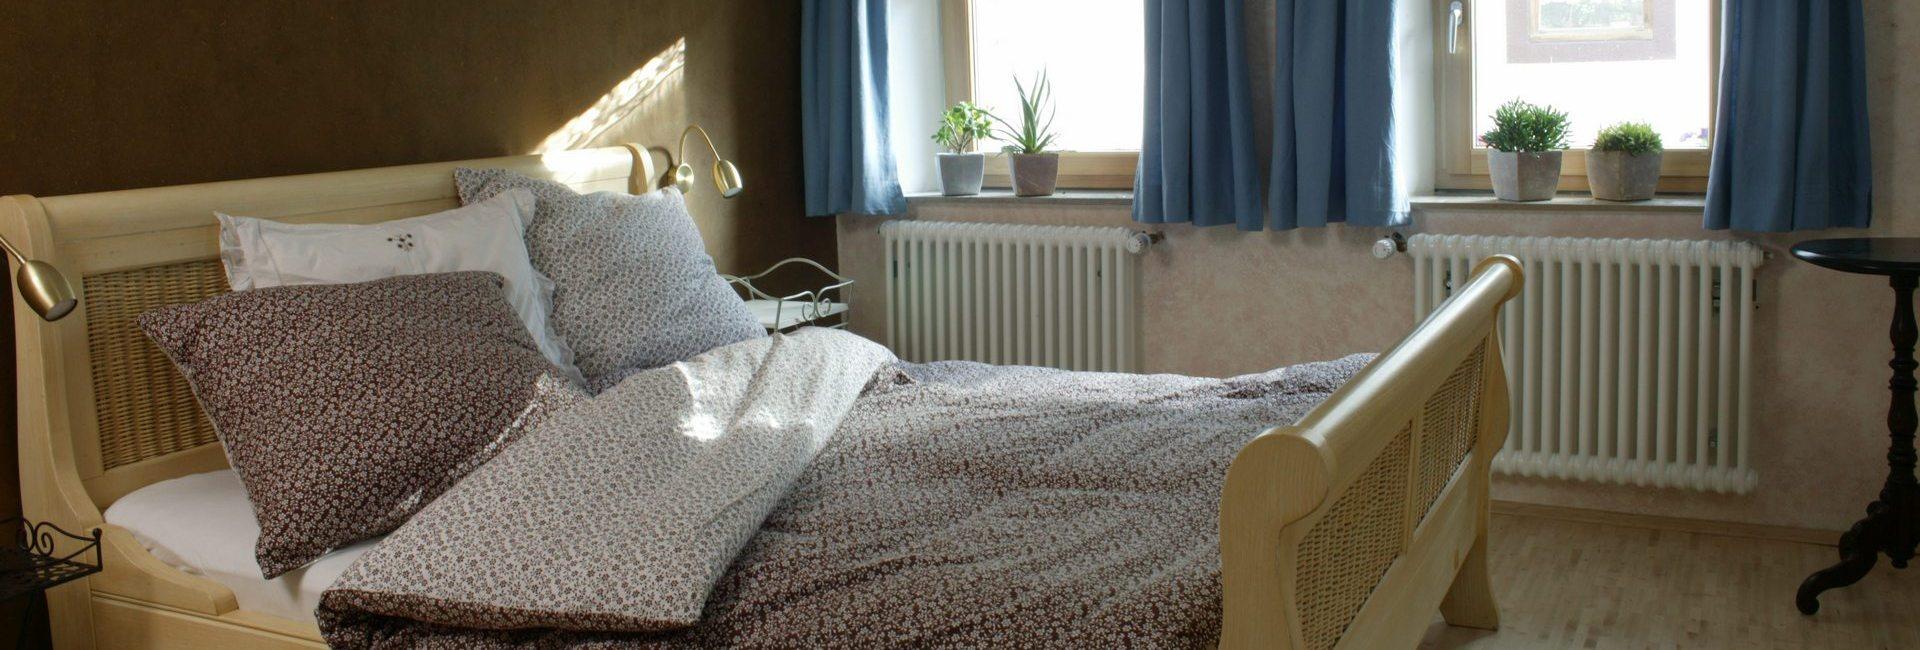 Zimmer 3 – Landhaus Pension Haus Sonneck